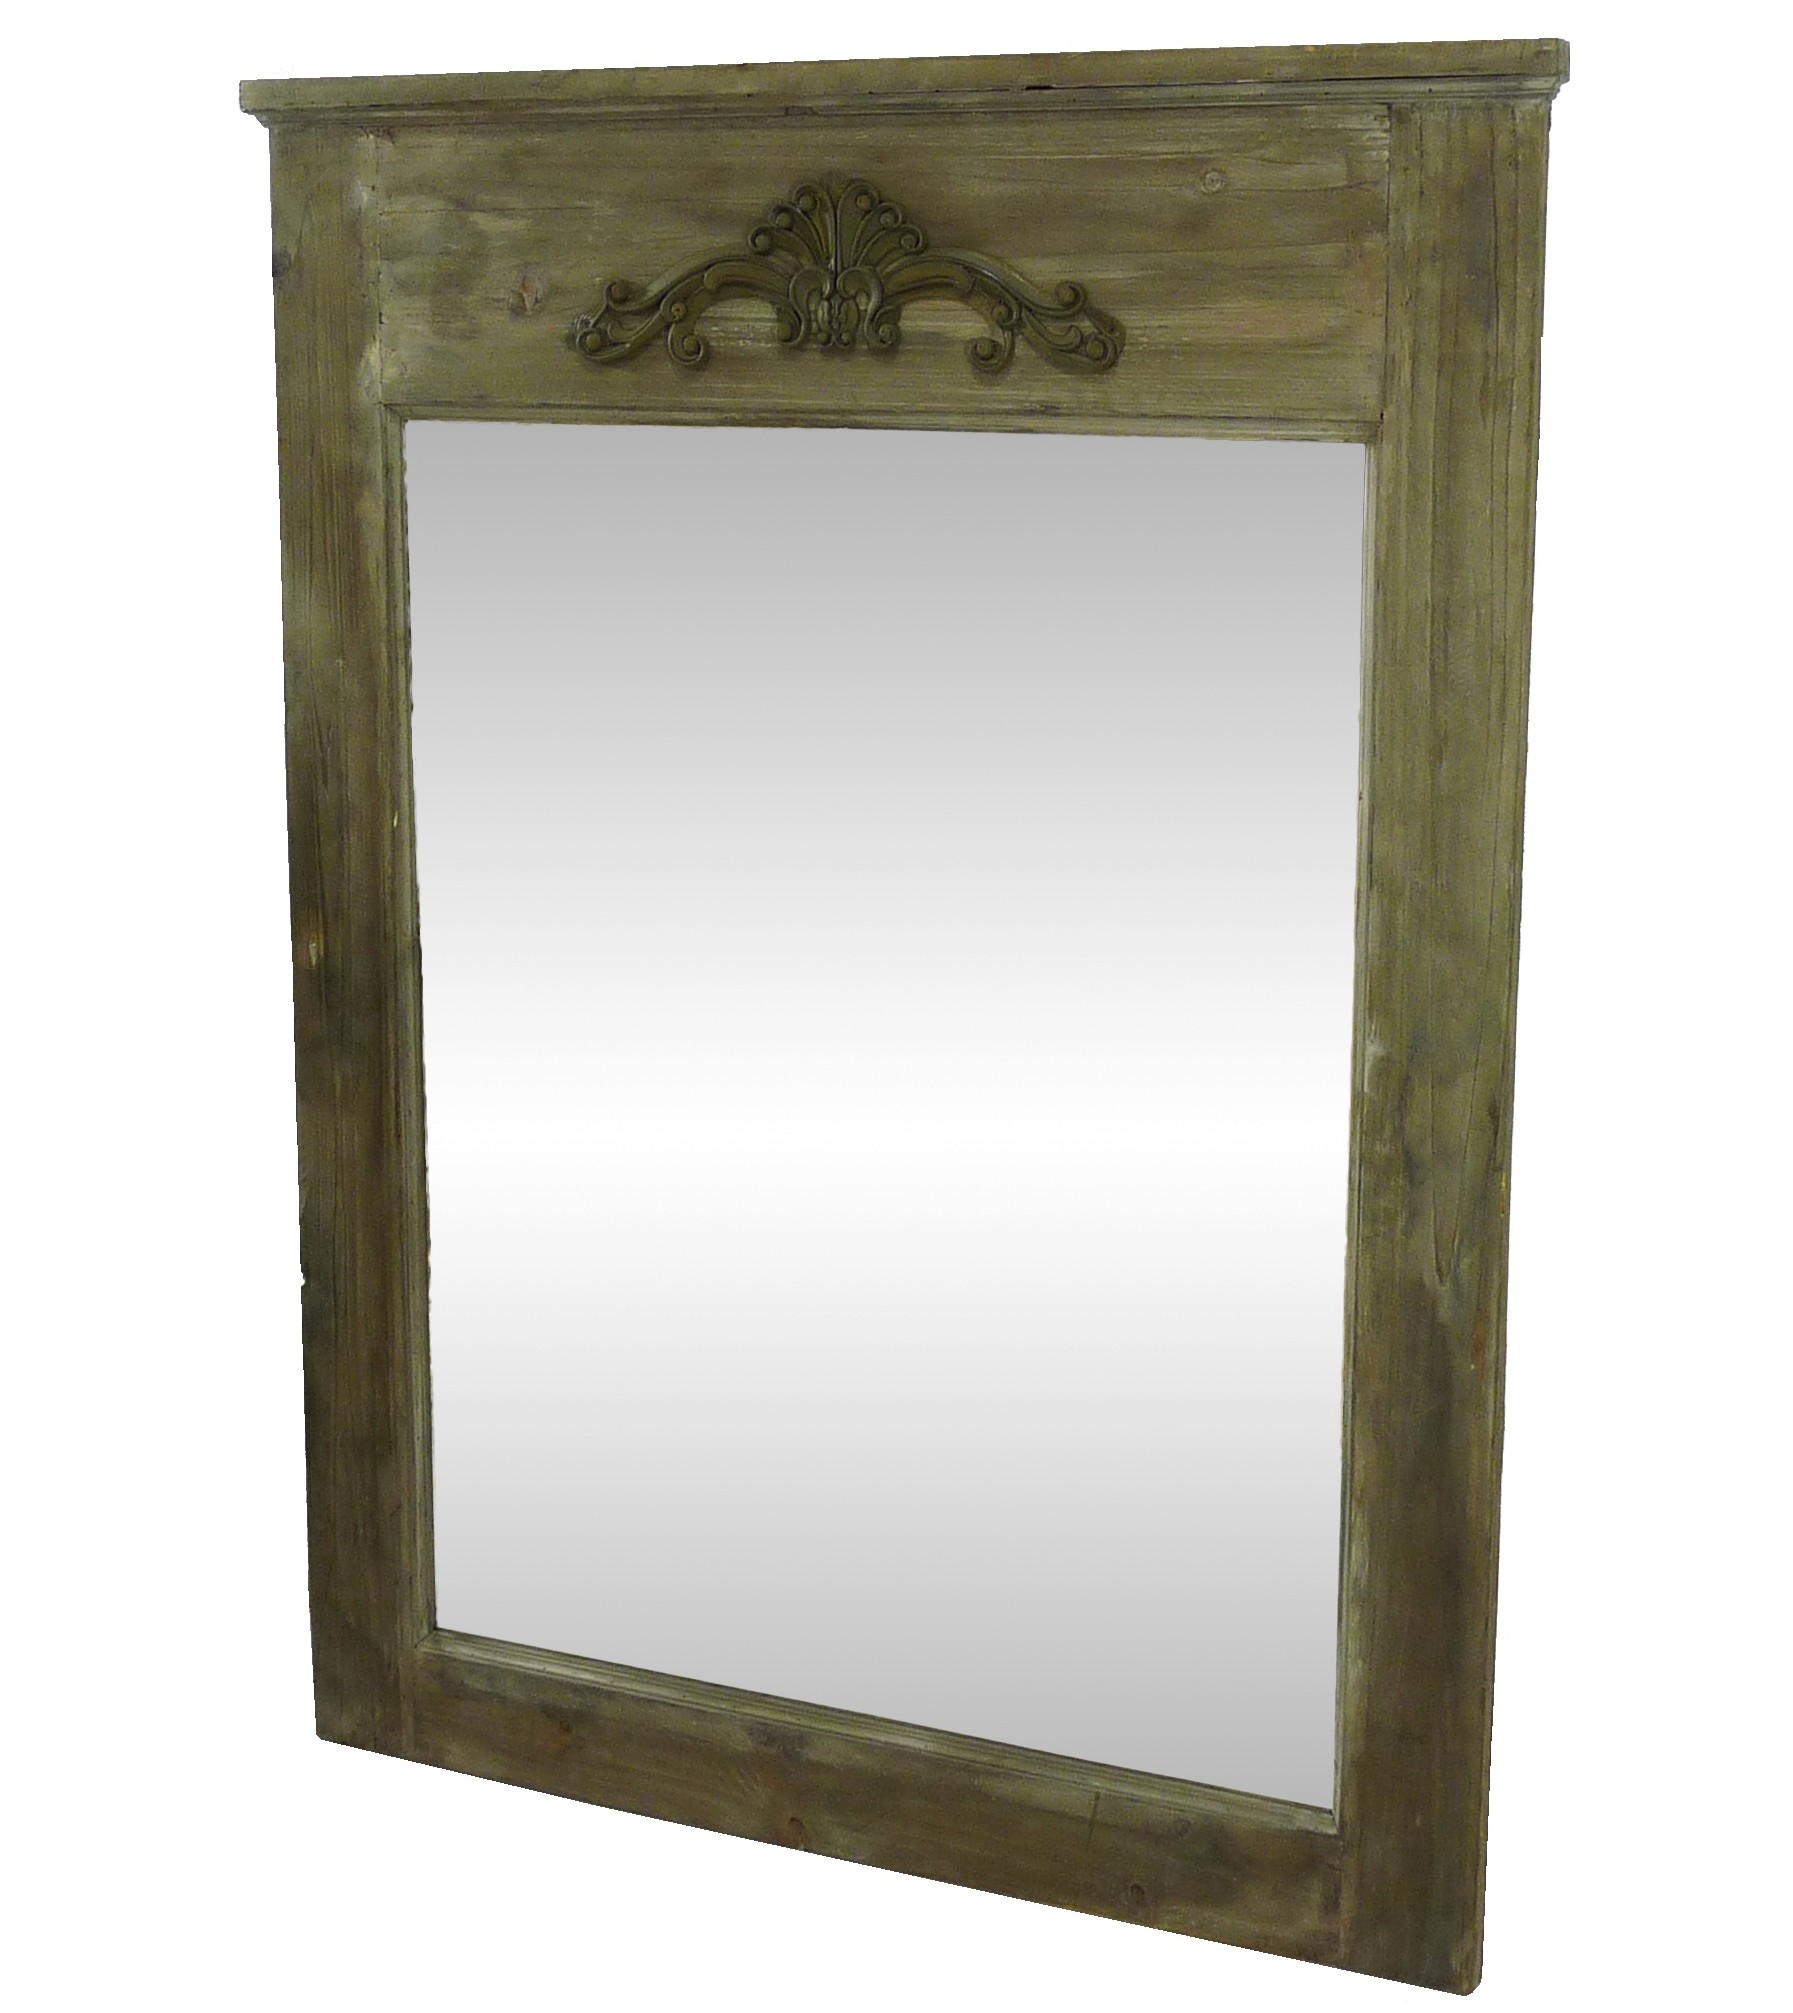 Miroir bois ancien fashion designs for Grand miroir rectangulaire bois